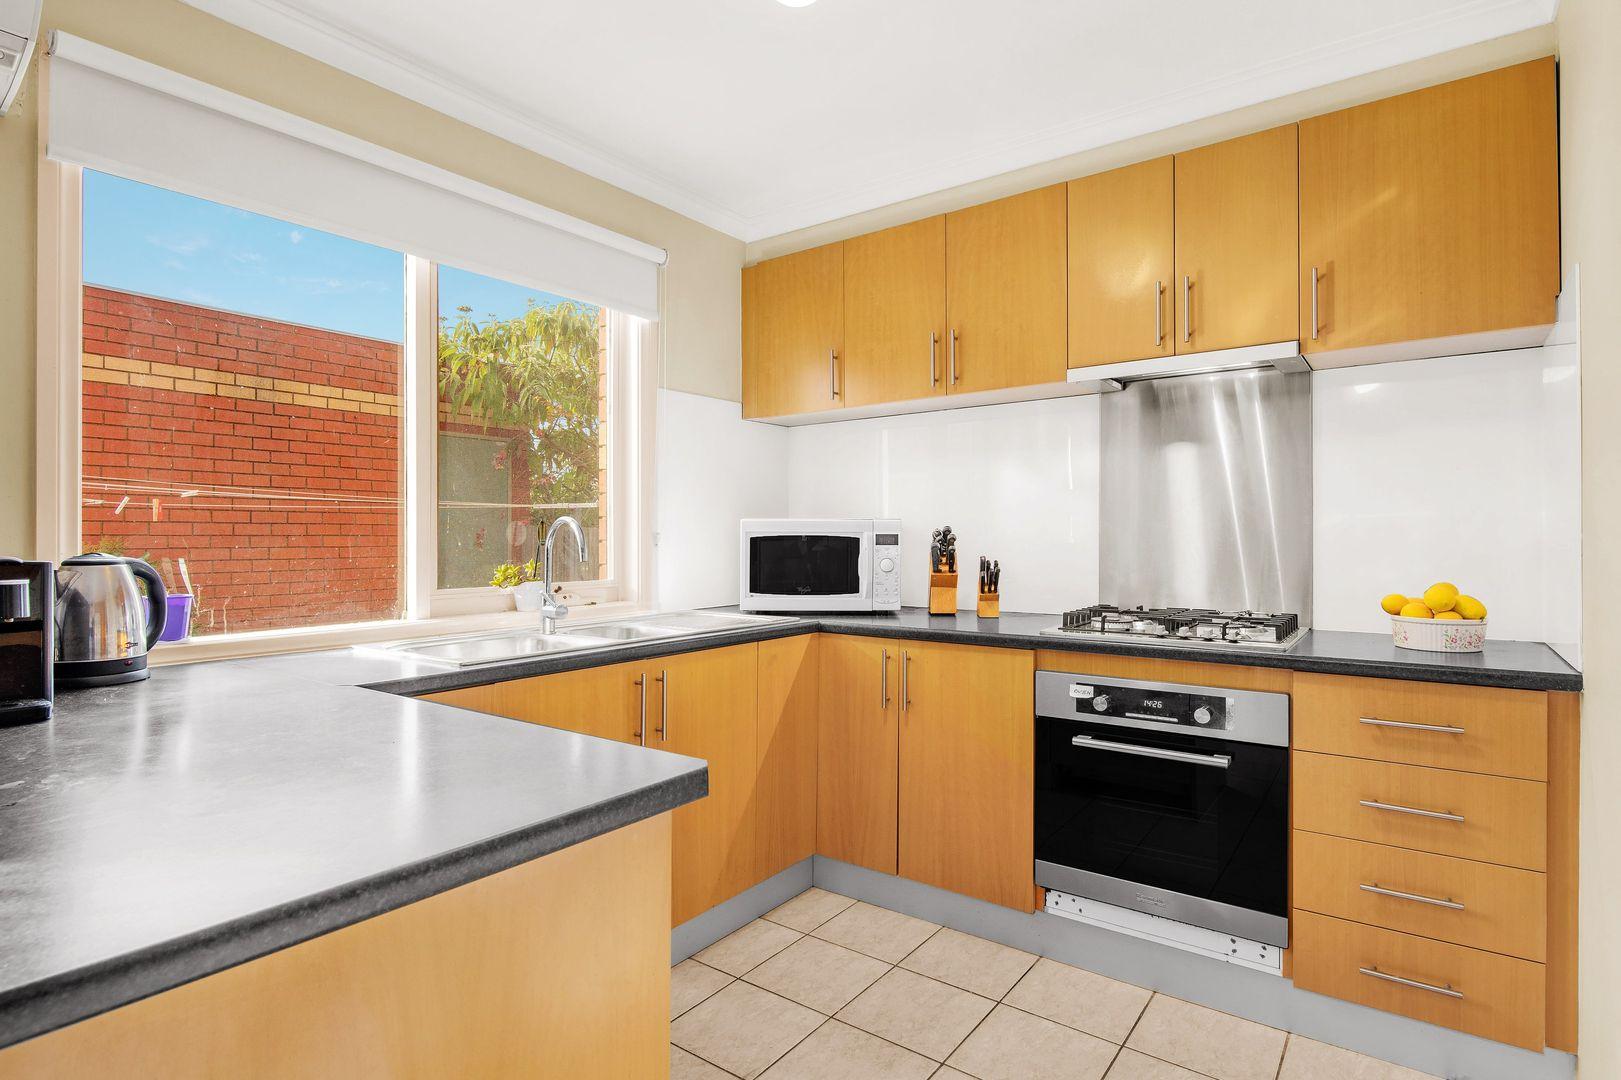 12/111 Martins Lane, Viewbank VIC 3084, Image 1